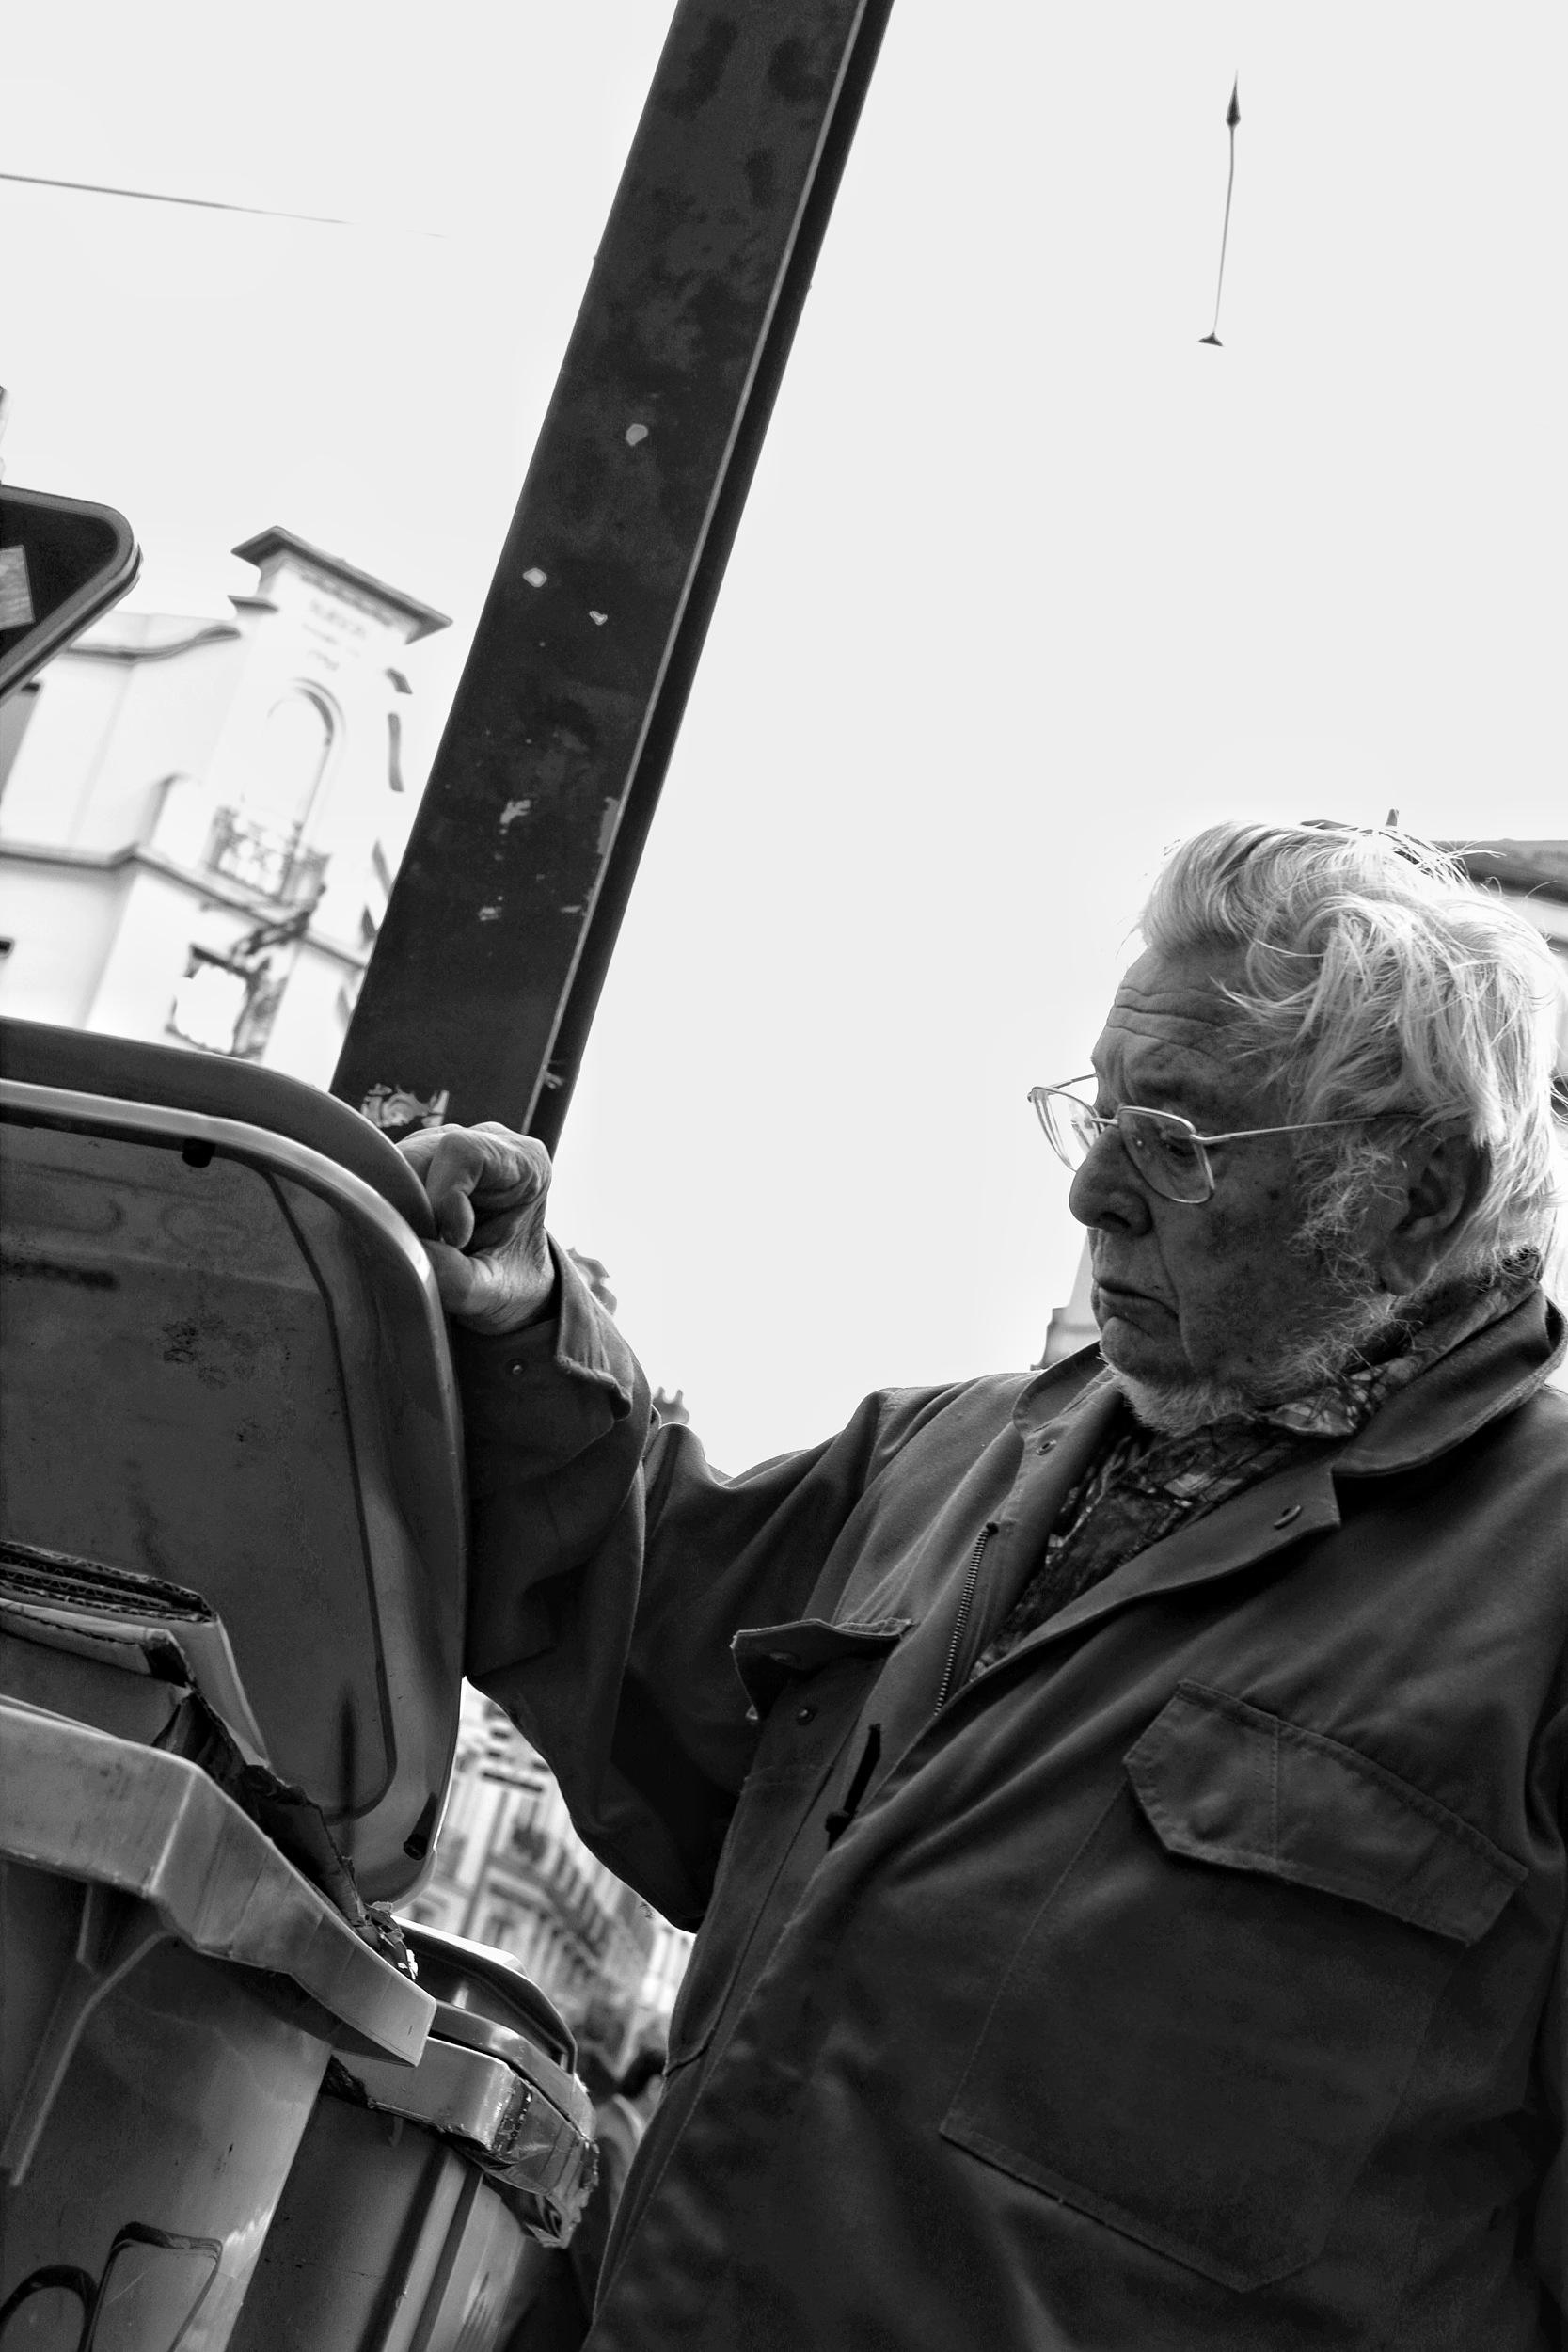 Man examining bins in Nantes - Fuji X-Pro1